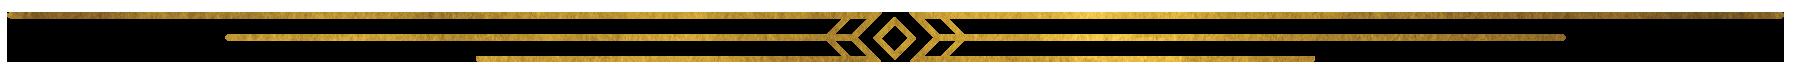 Gold Divider SHORT.png